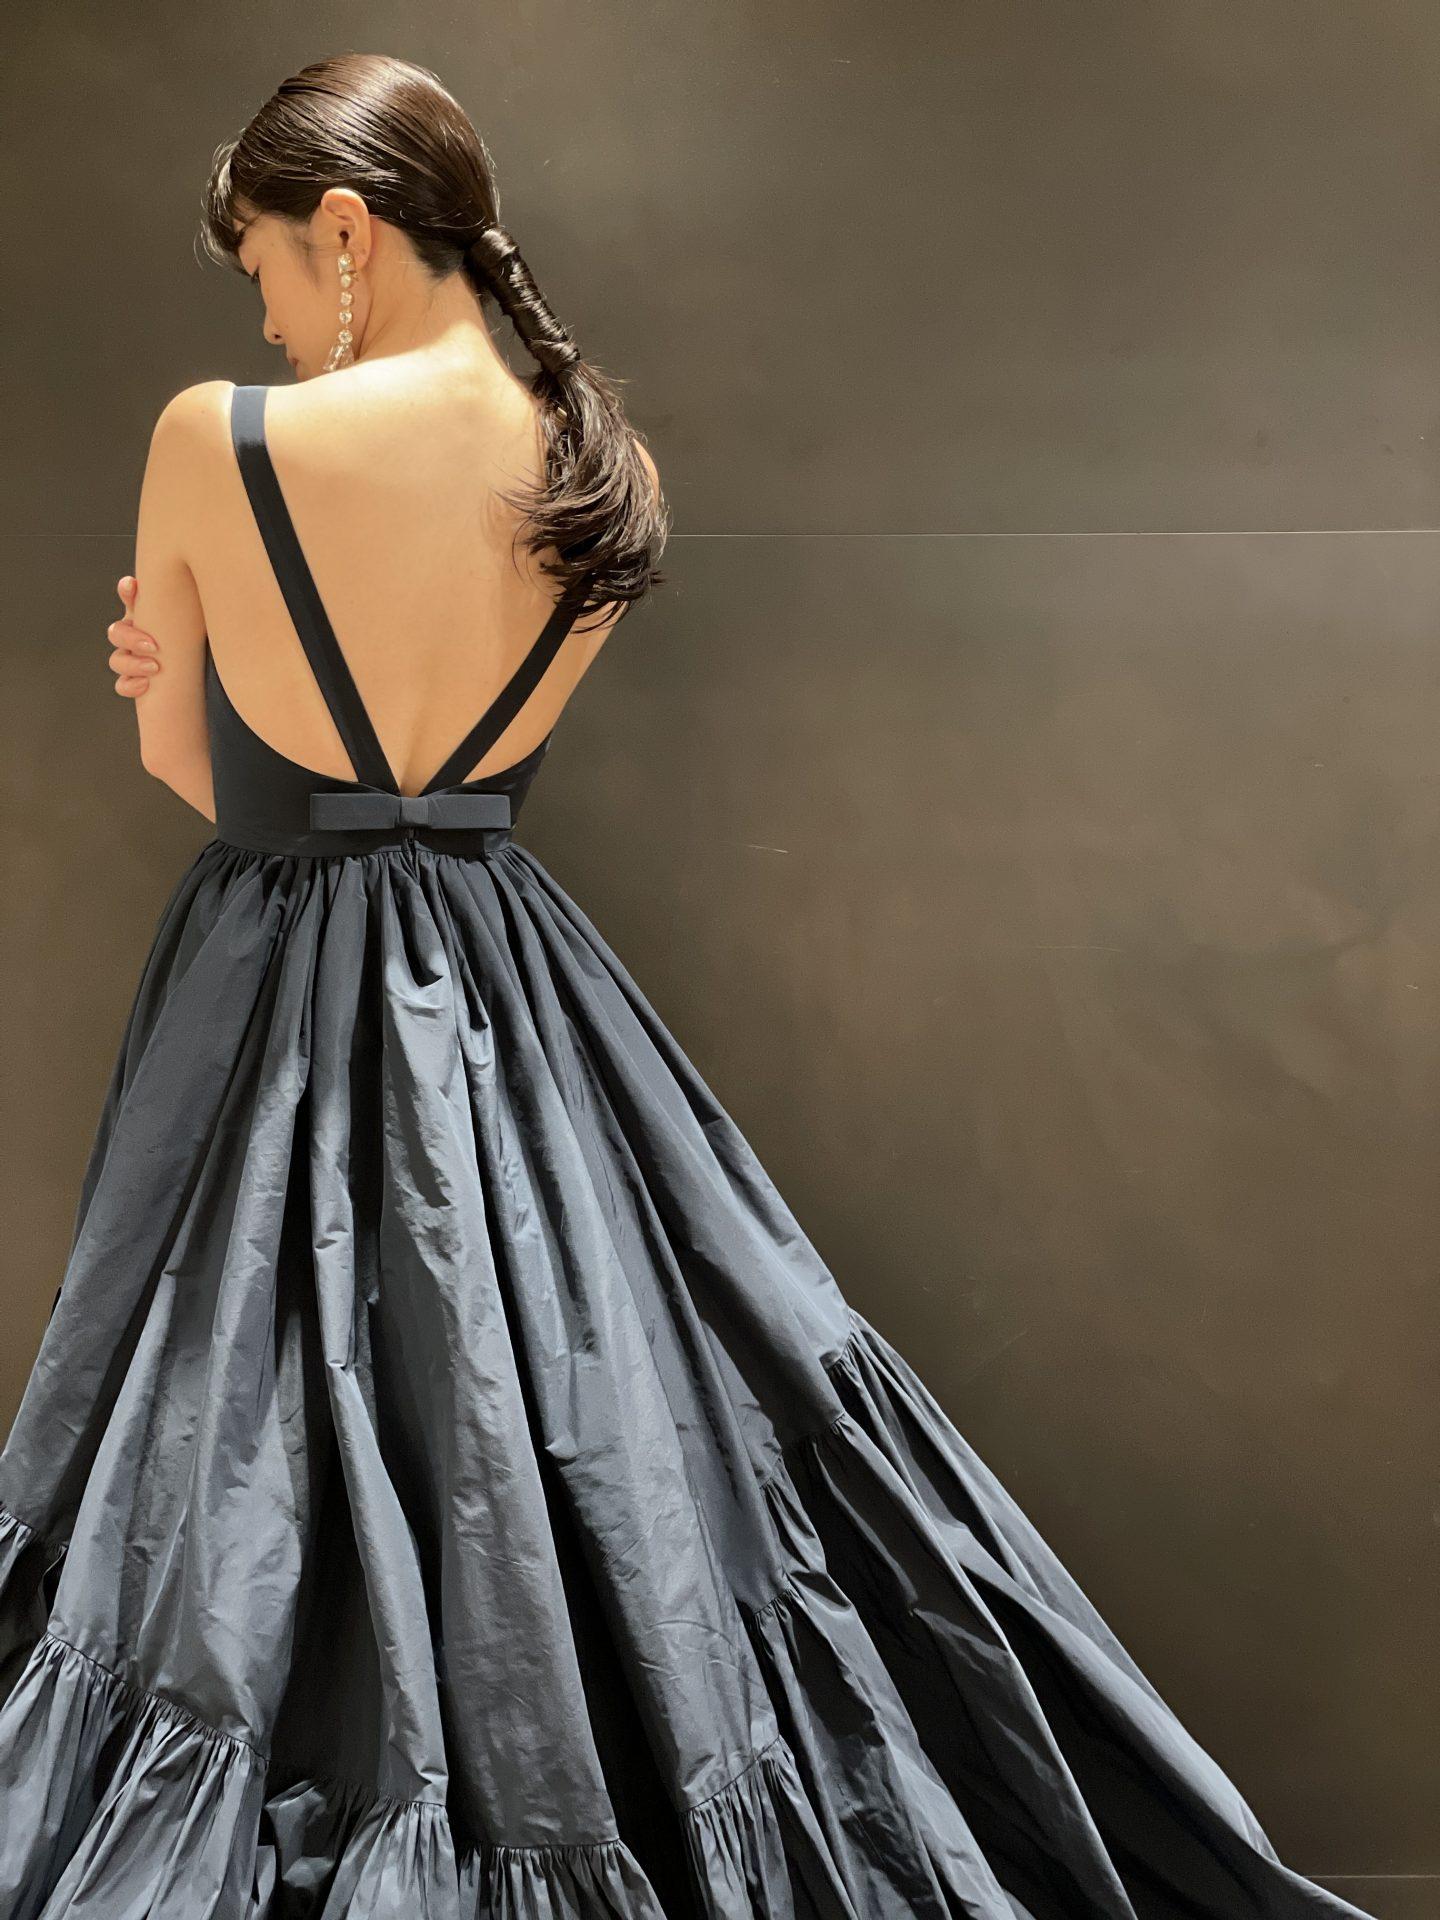 背中が大きく空いた大人っぽいシックなデザインのネイビーのカラードレス